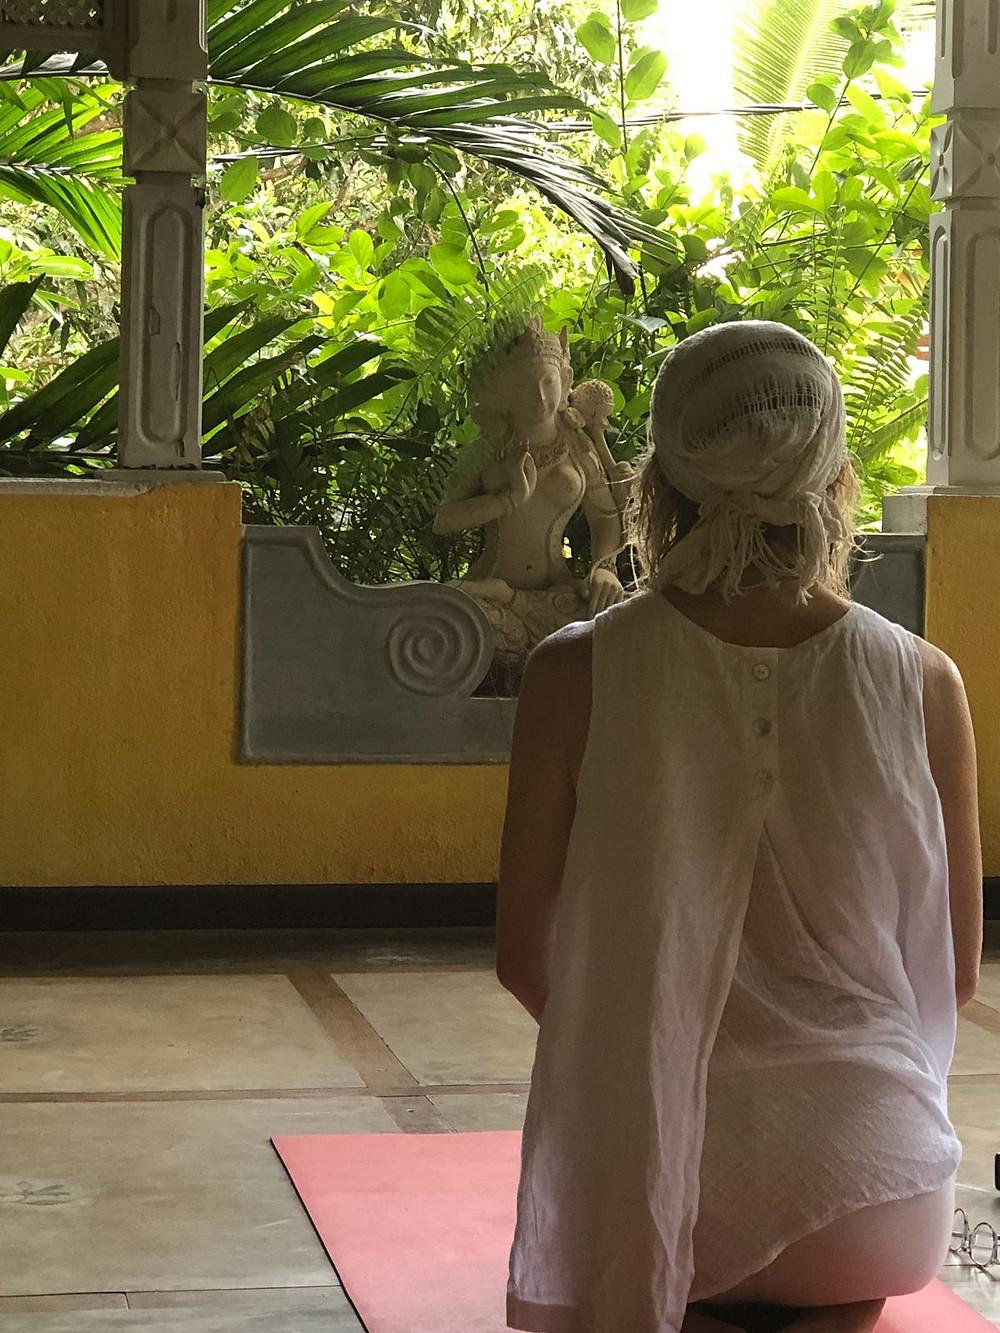 Personal practice in Sri Lanka